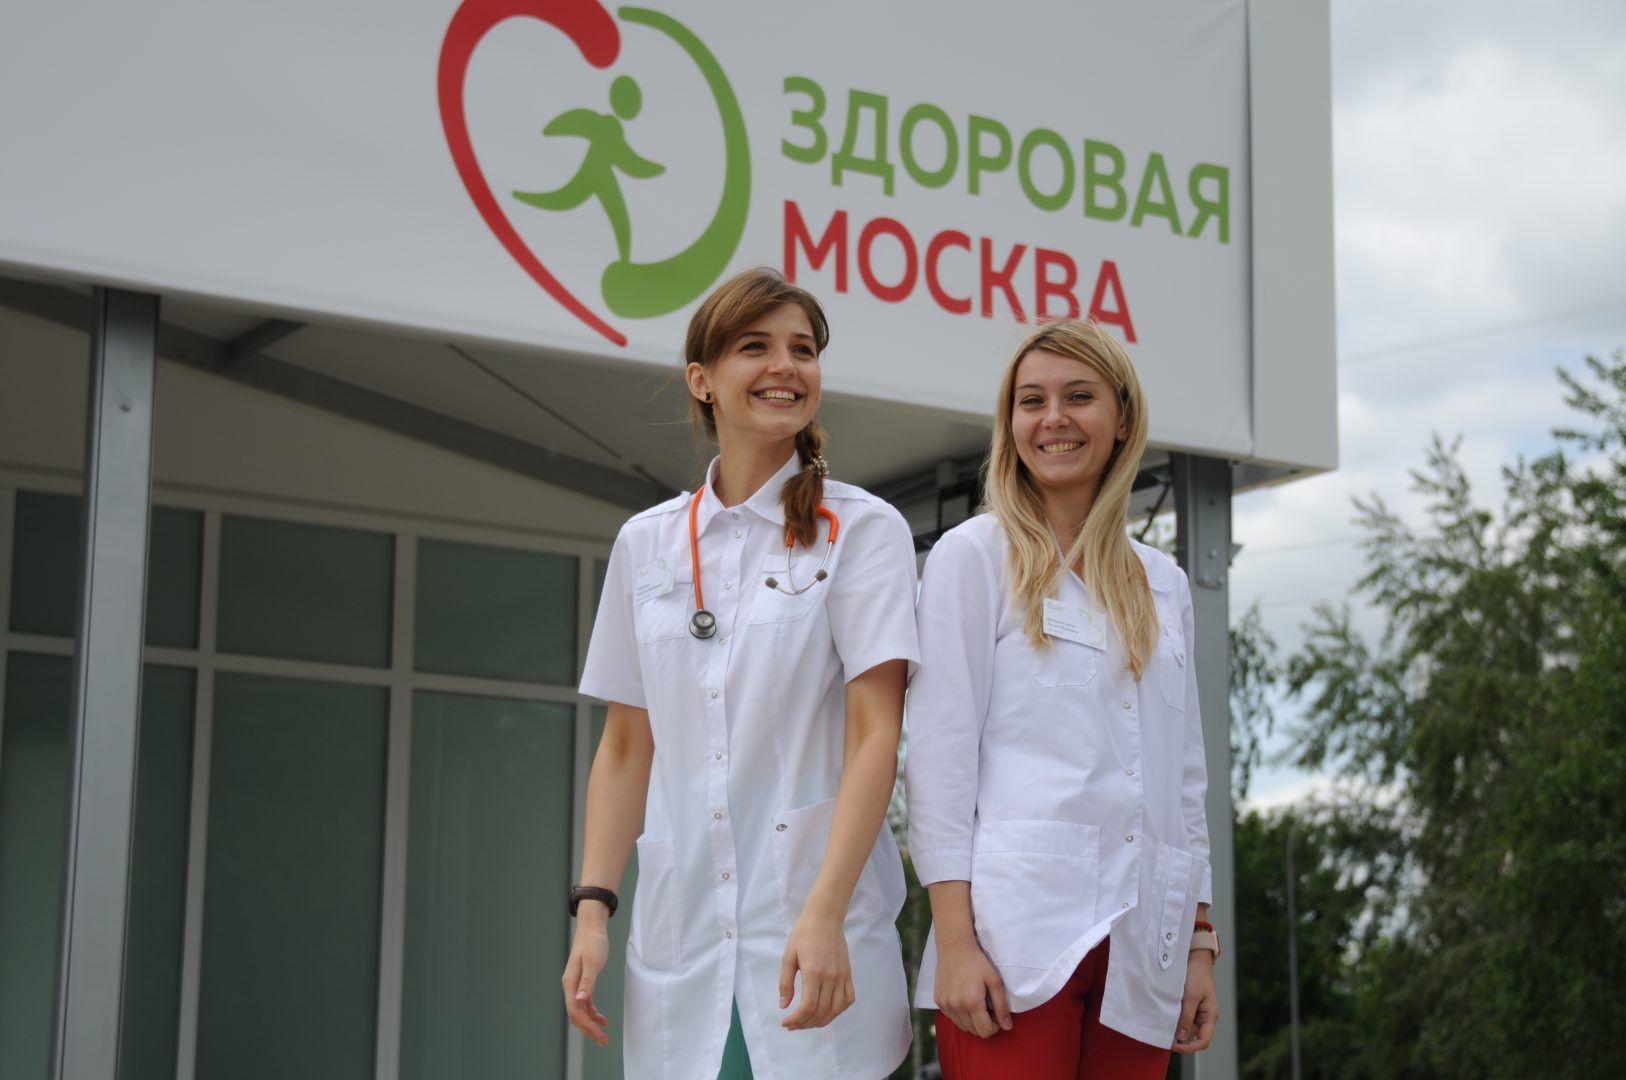 Более 50 тысяч москвичей стали участниками проекта «Здоровая Москва».Фото: архив, «Вечерняя Москва»